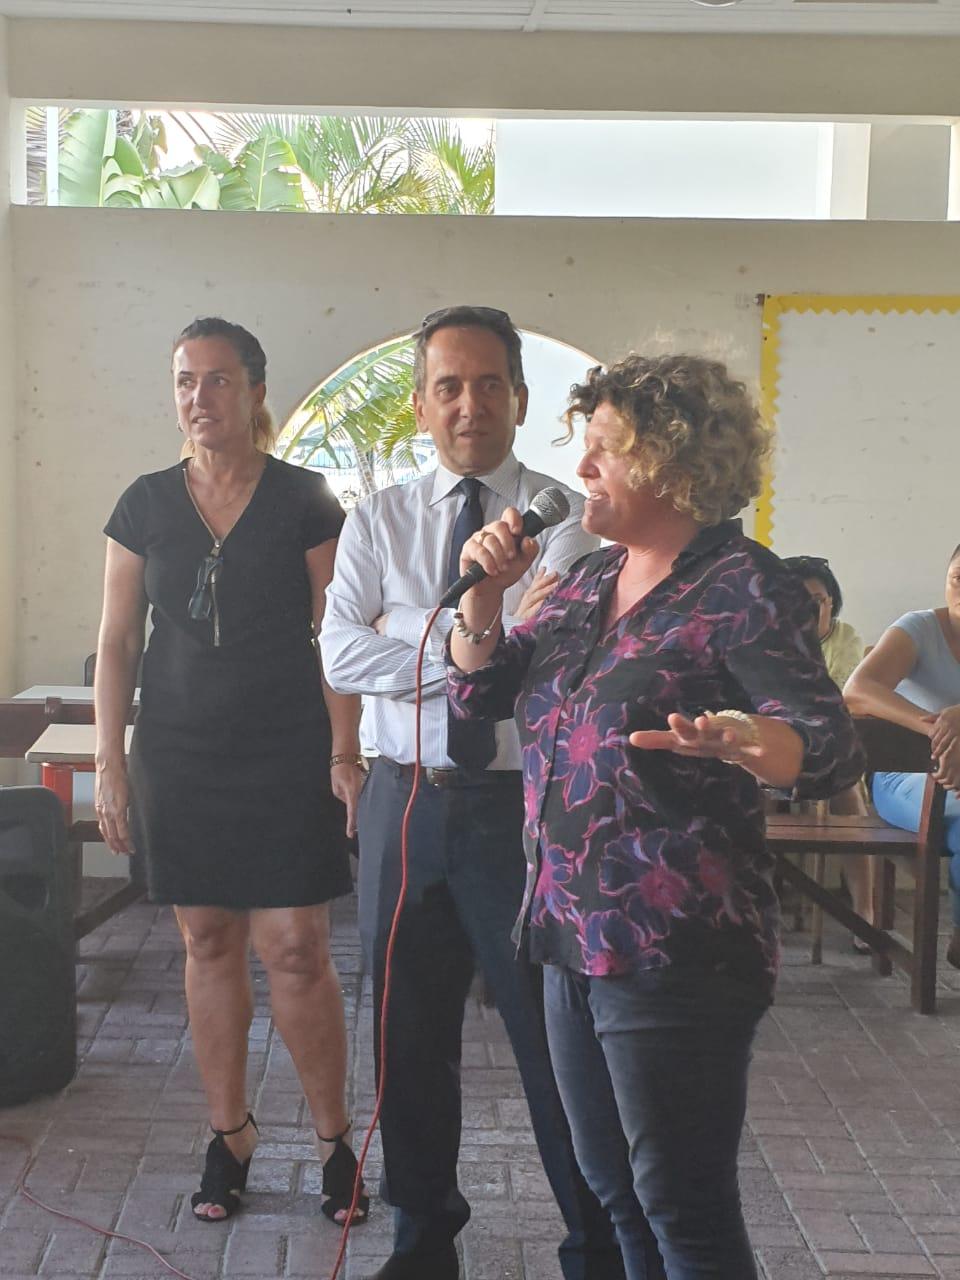 Mme RENGER CPC arts plastiques, M. SANZ IA-DAASEN, Mme MALHERBE directrice d'école